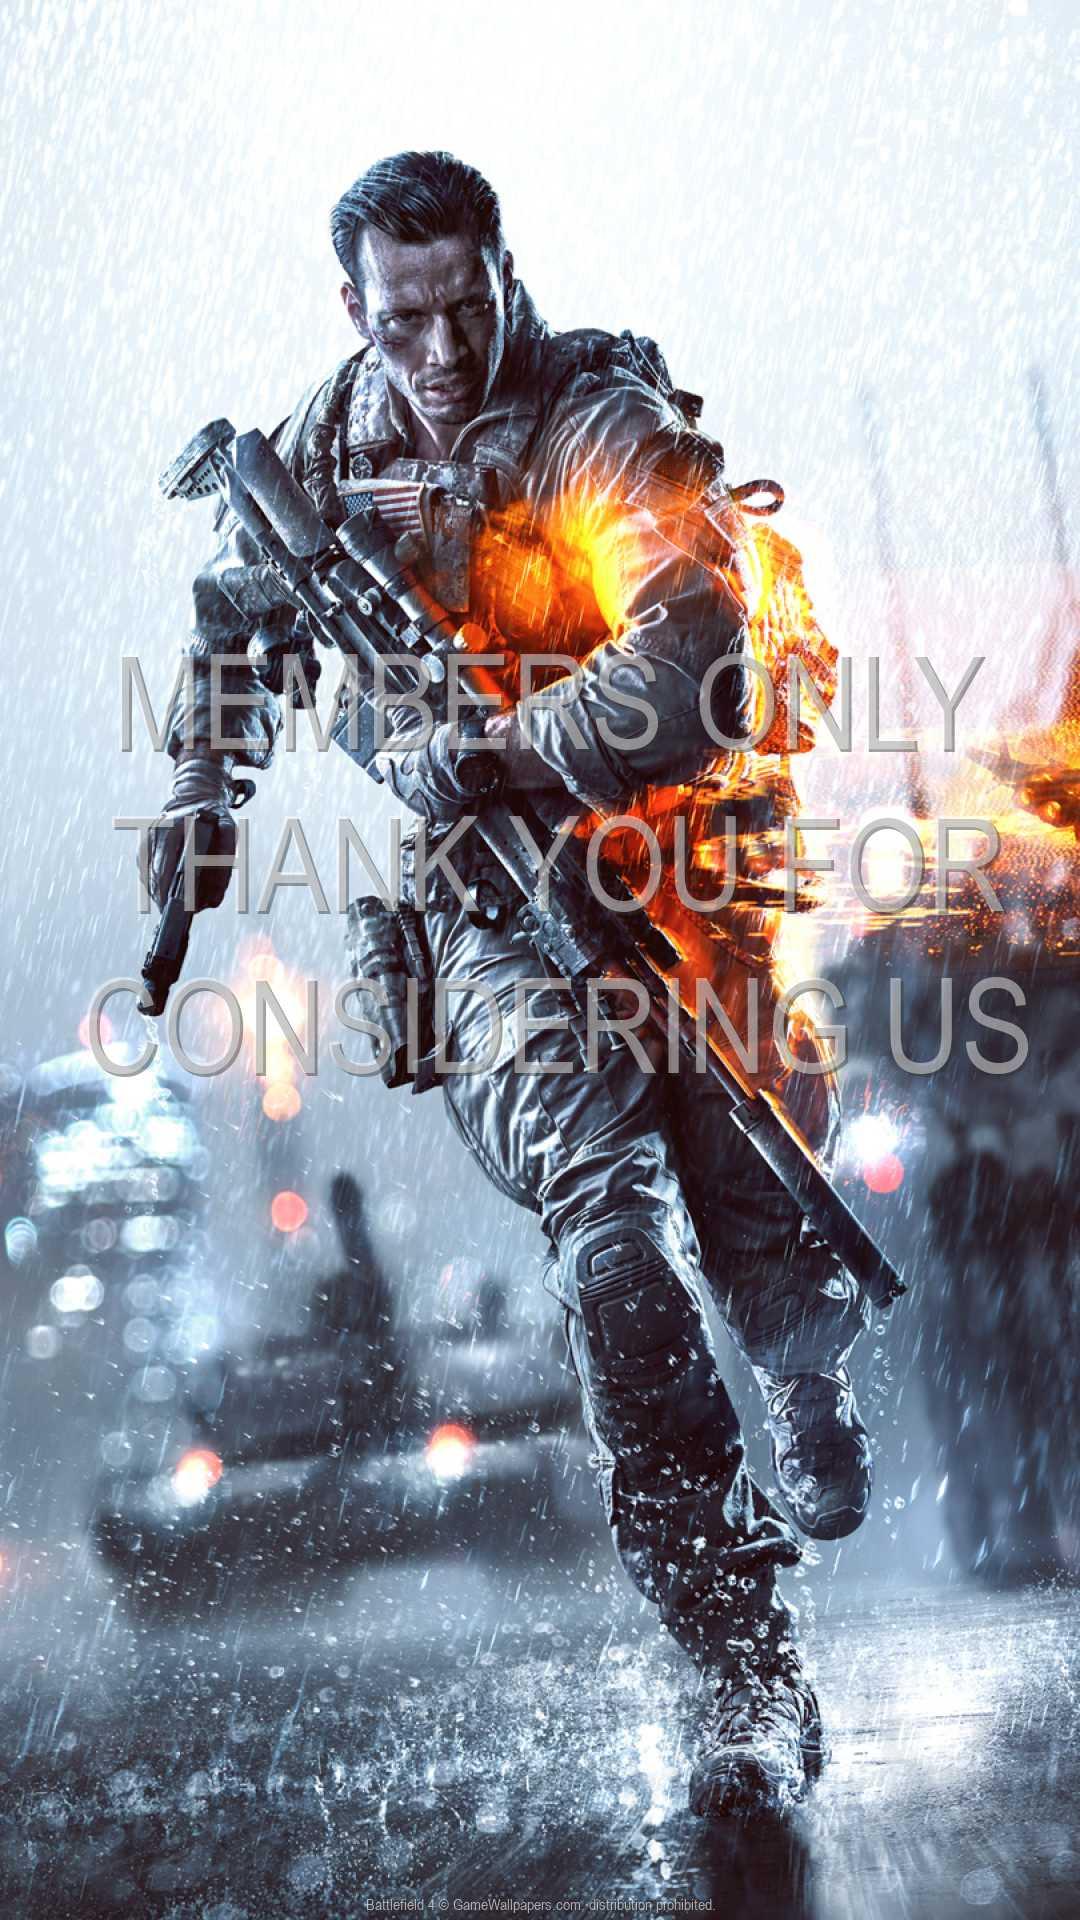 Battlefield 4 1080p Vertical Mobile fond d'écran 01